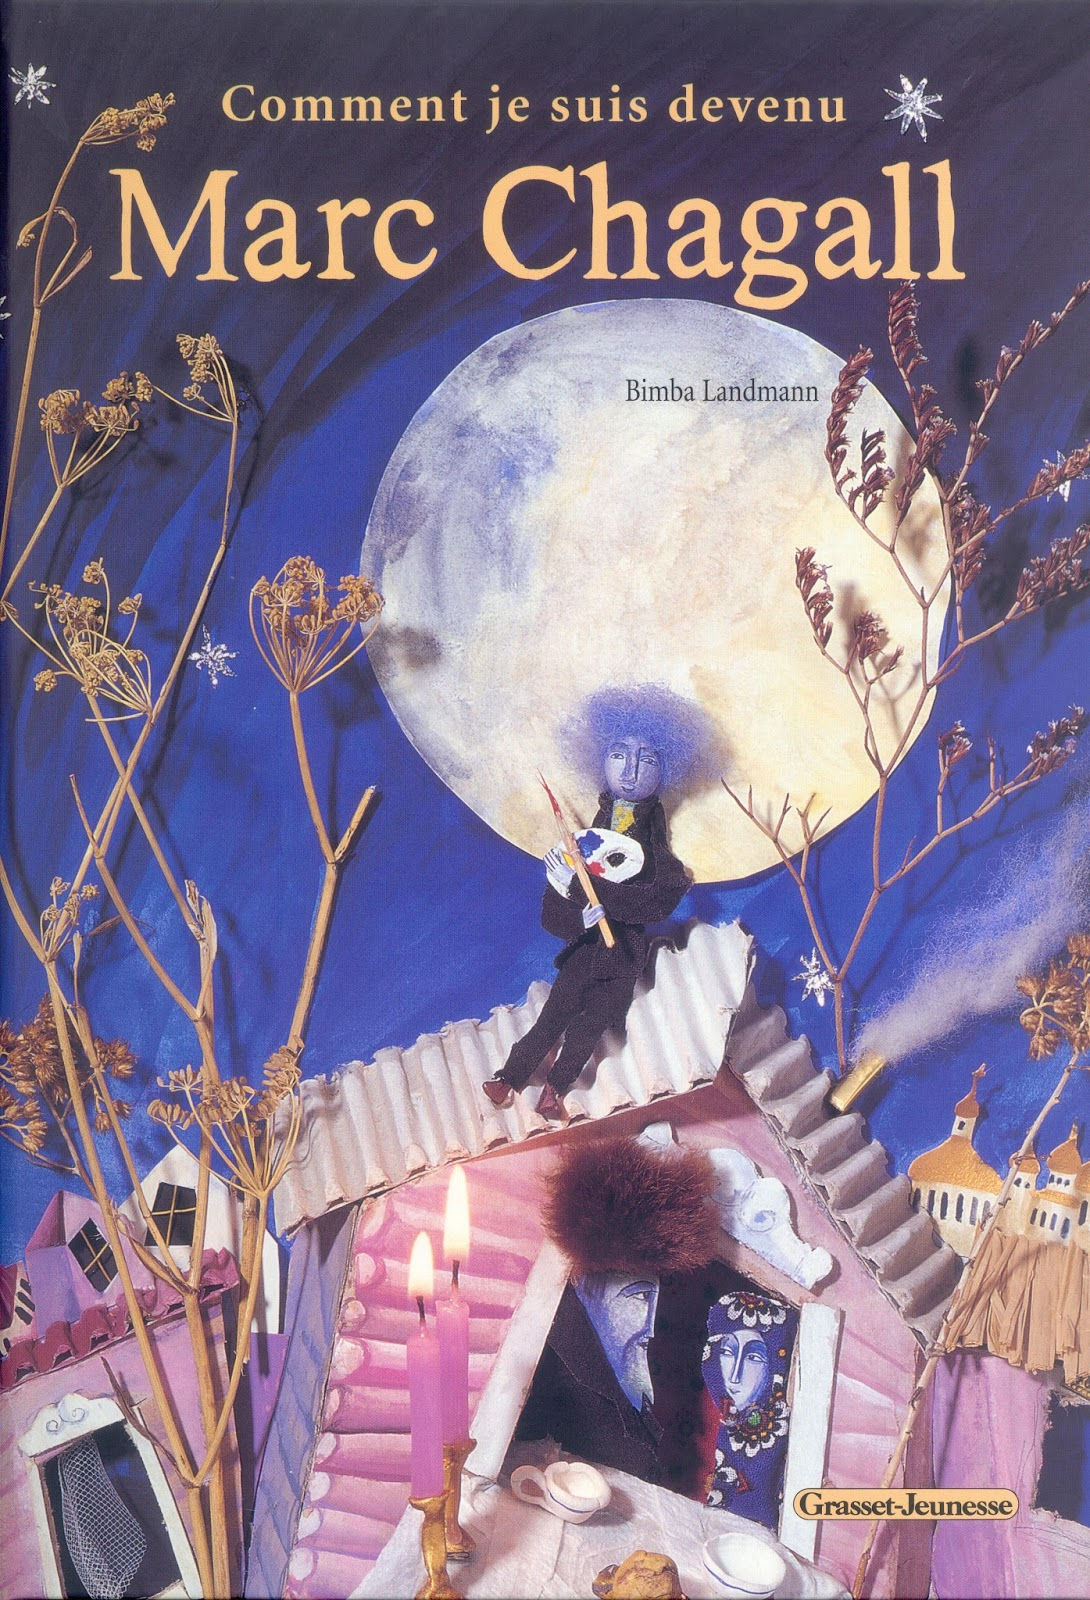 Grasset jeunesse oh le blog o l 39 on reparle de for Marc chagall paris vu de ma fenetre